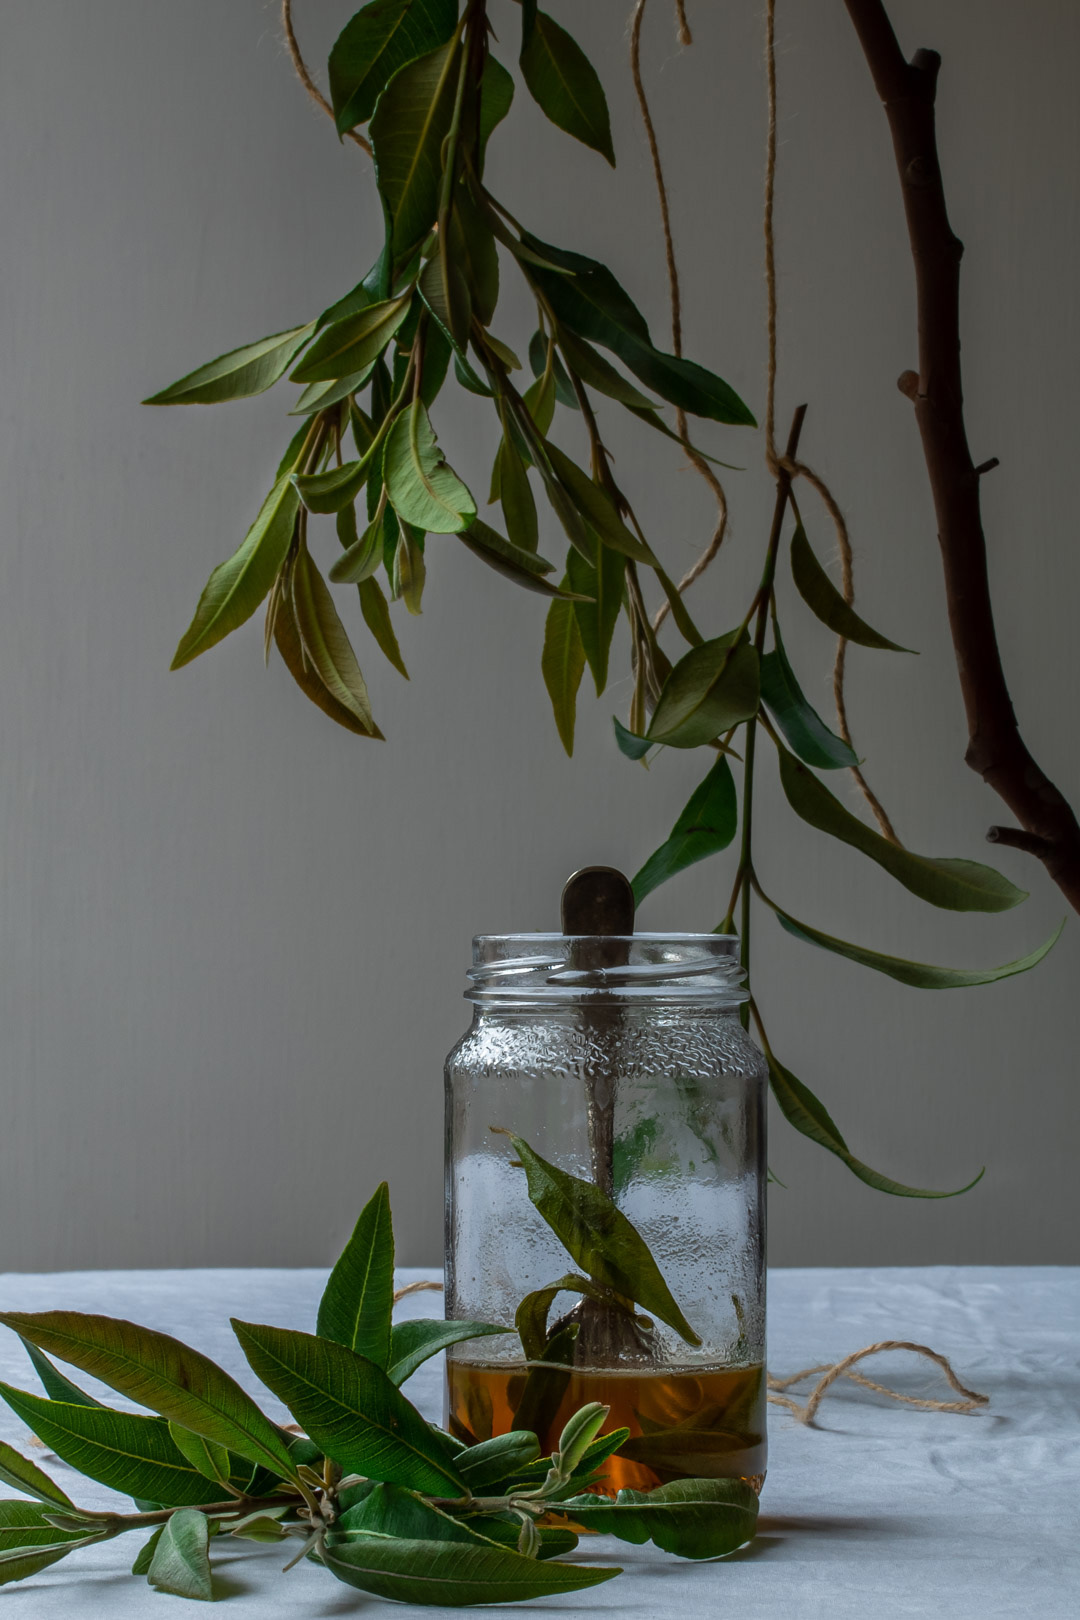 lemon myrtle honey syrup framed by suspended lemon myrtle leaves